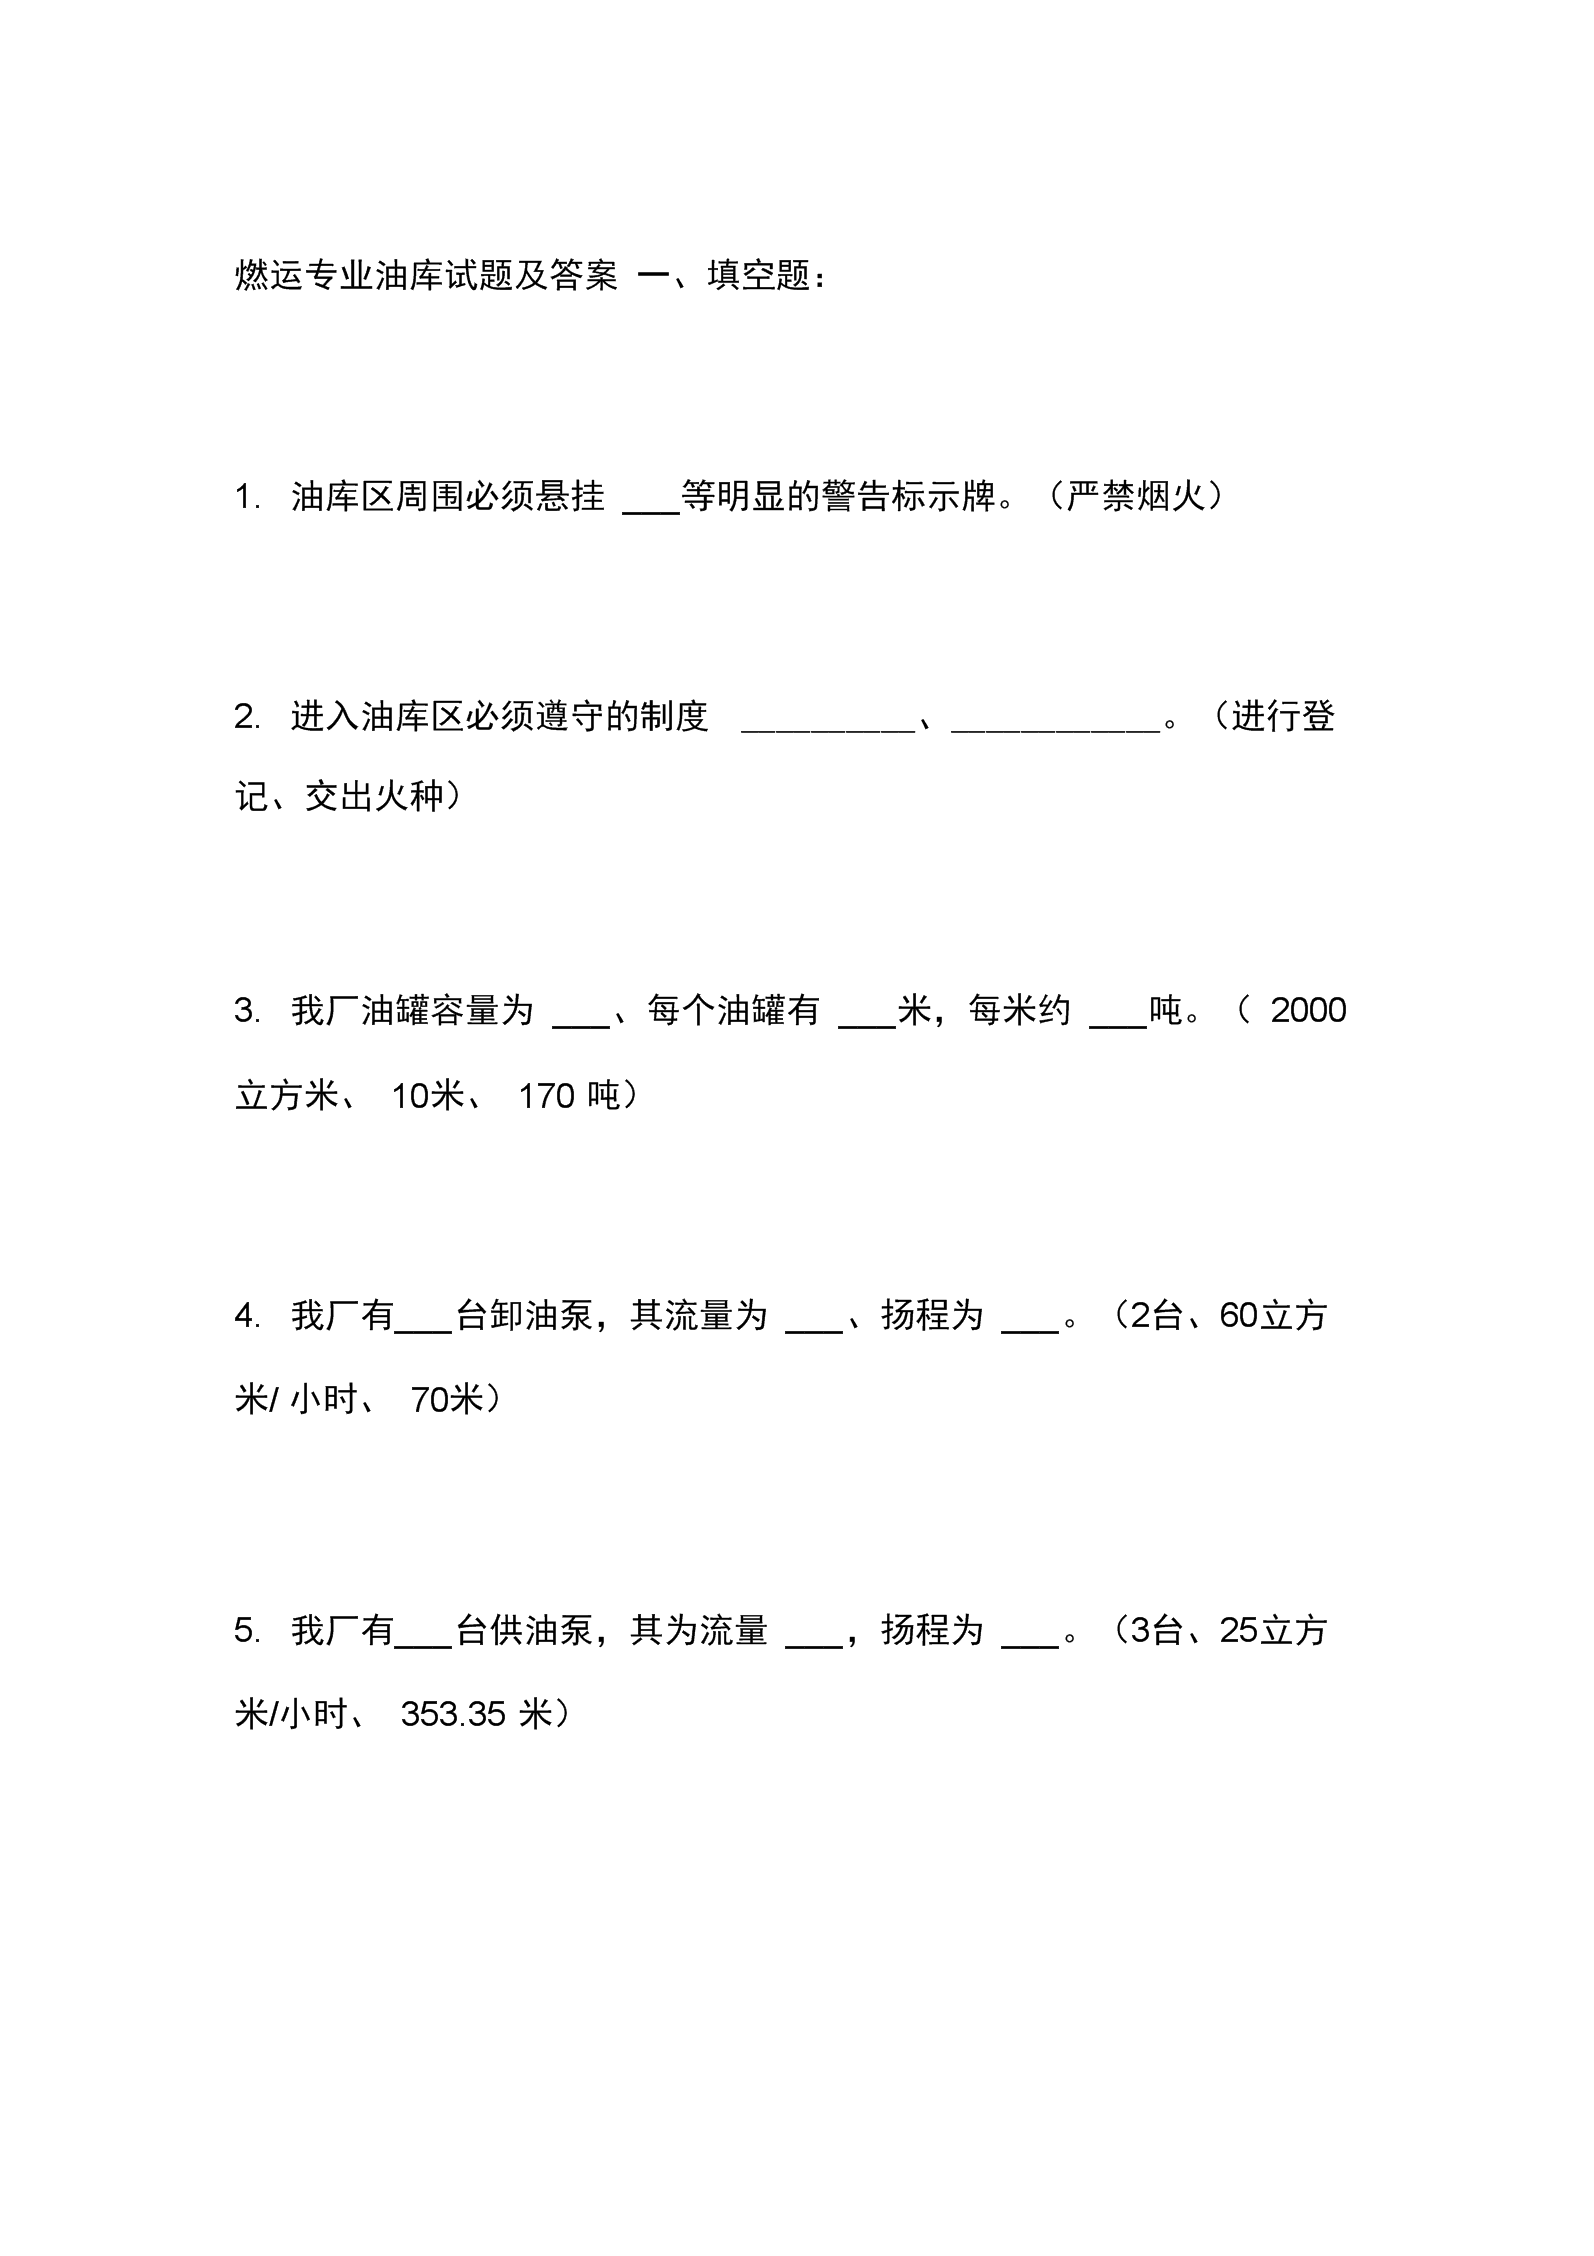 2020燃运专业油库试题及答案.docx